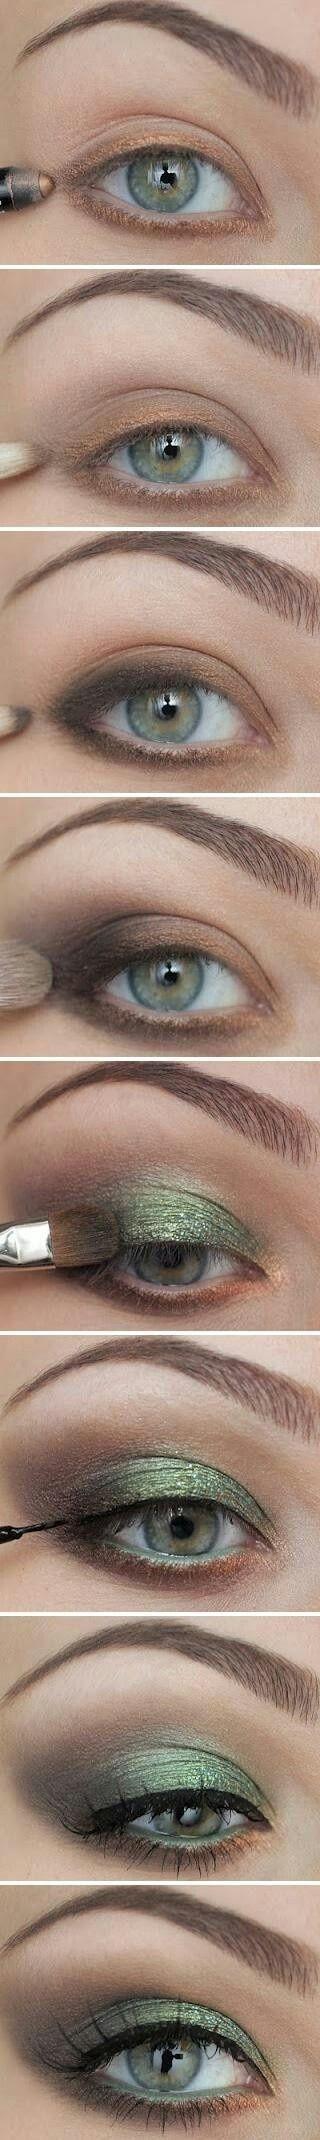 Grünes Auge Make-up   – Make up